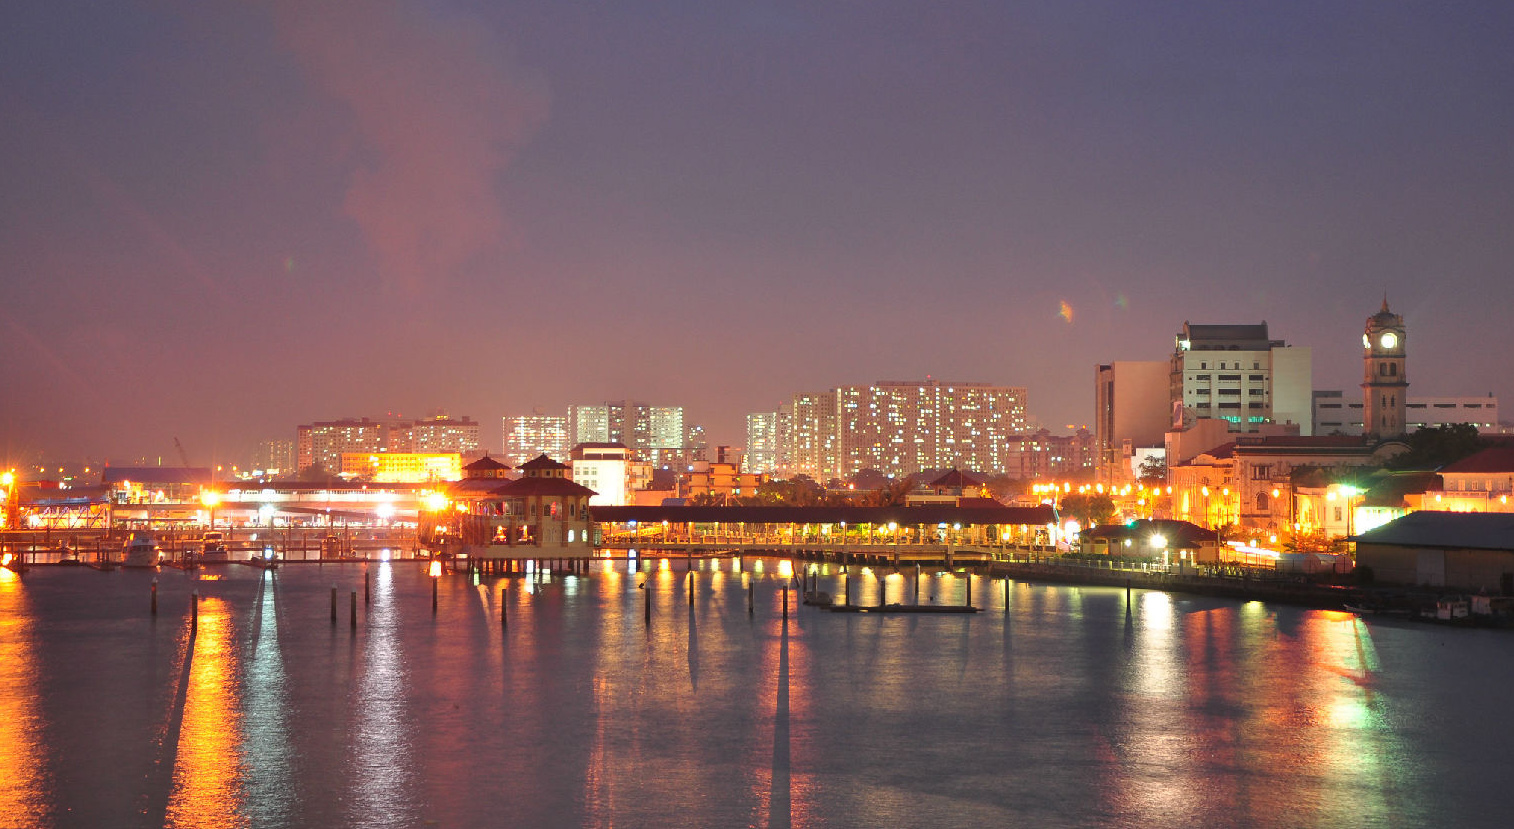 东沙群岛夜景图片大全